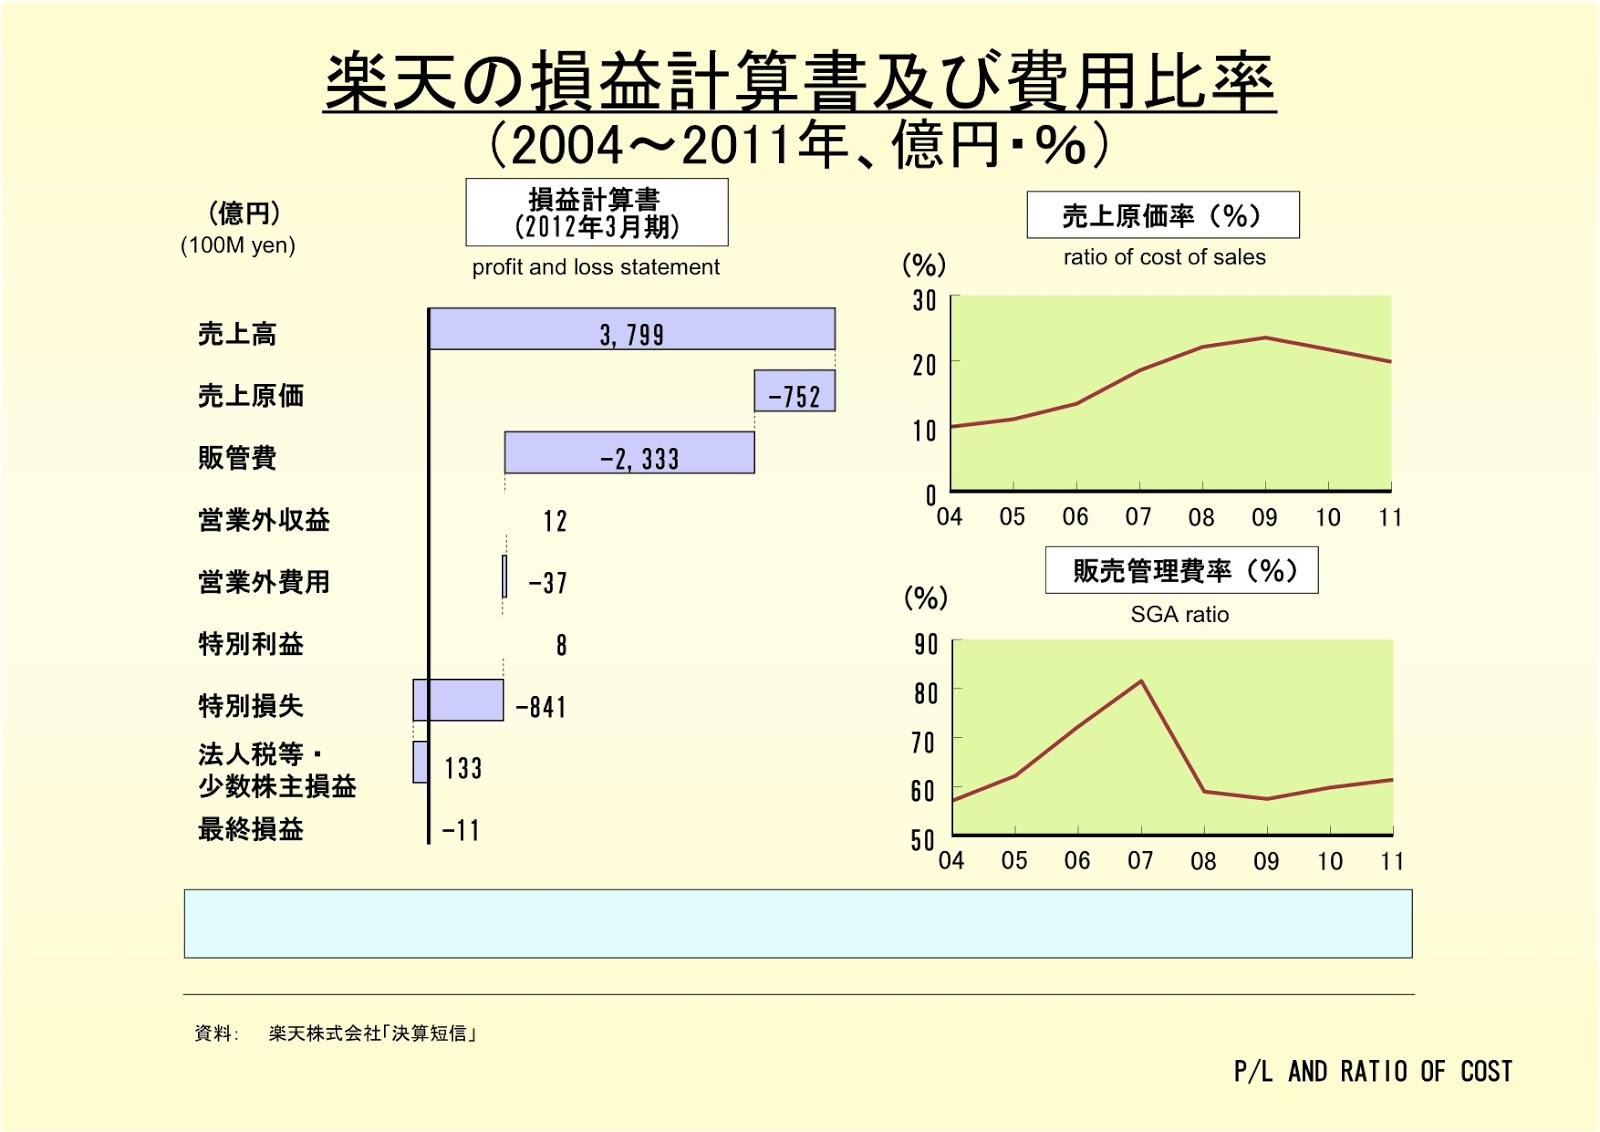 楽天株式会社の損益計算書及び費用比率